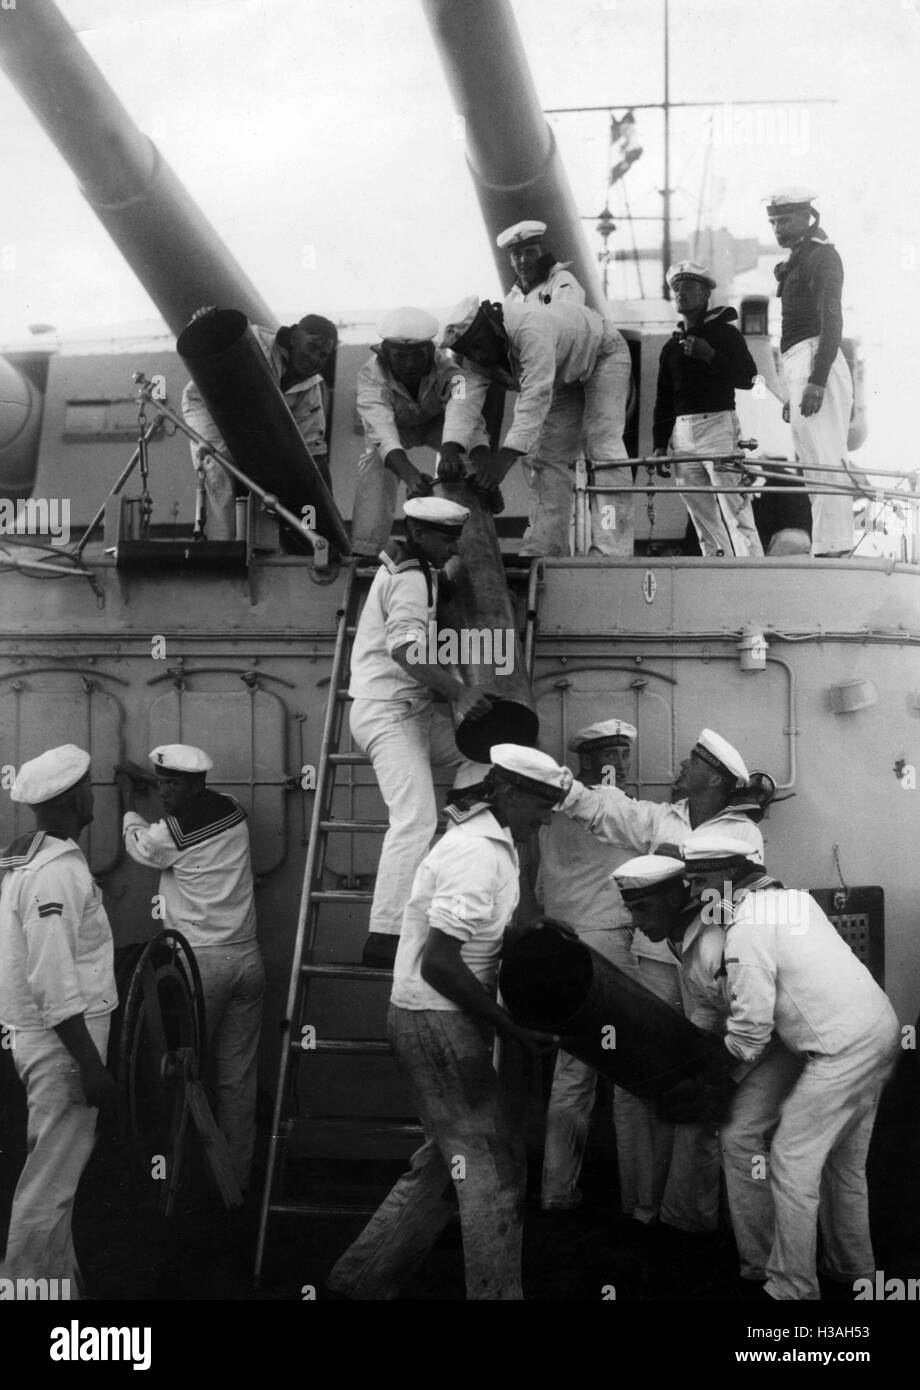 Artillerie-Bohrer an Bord eines deutschen Kreuzers, 1935 Stockbild